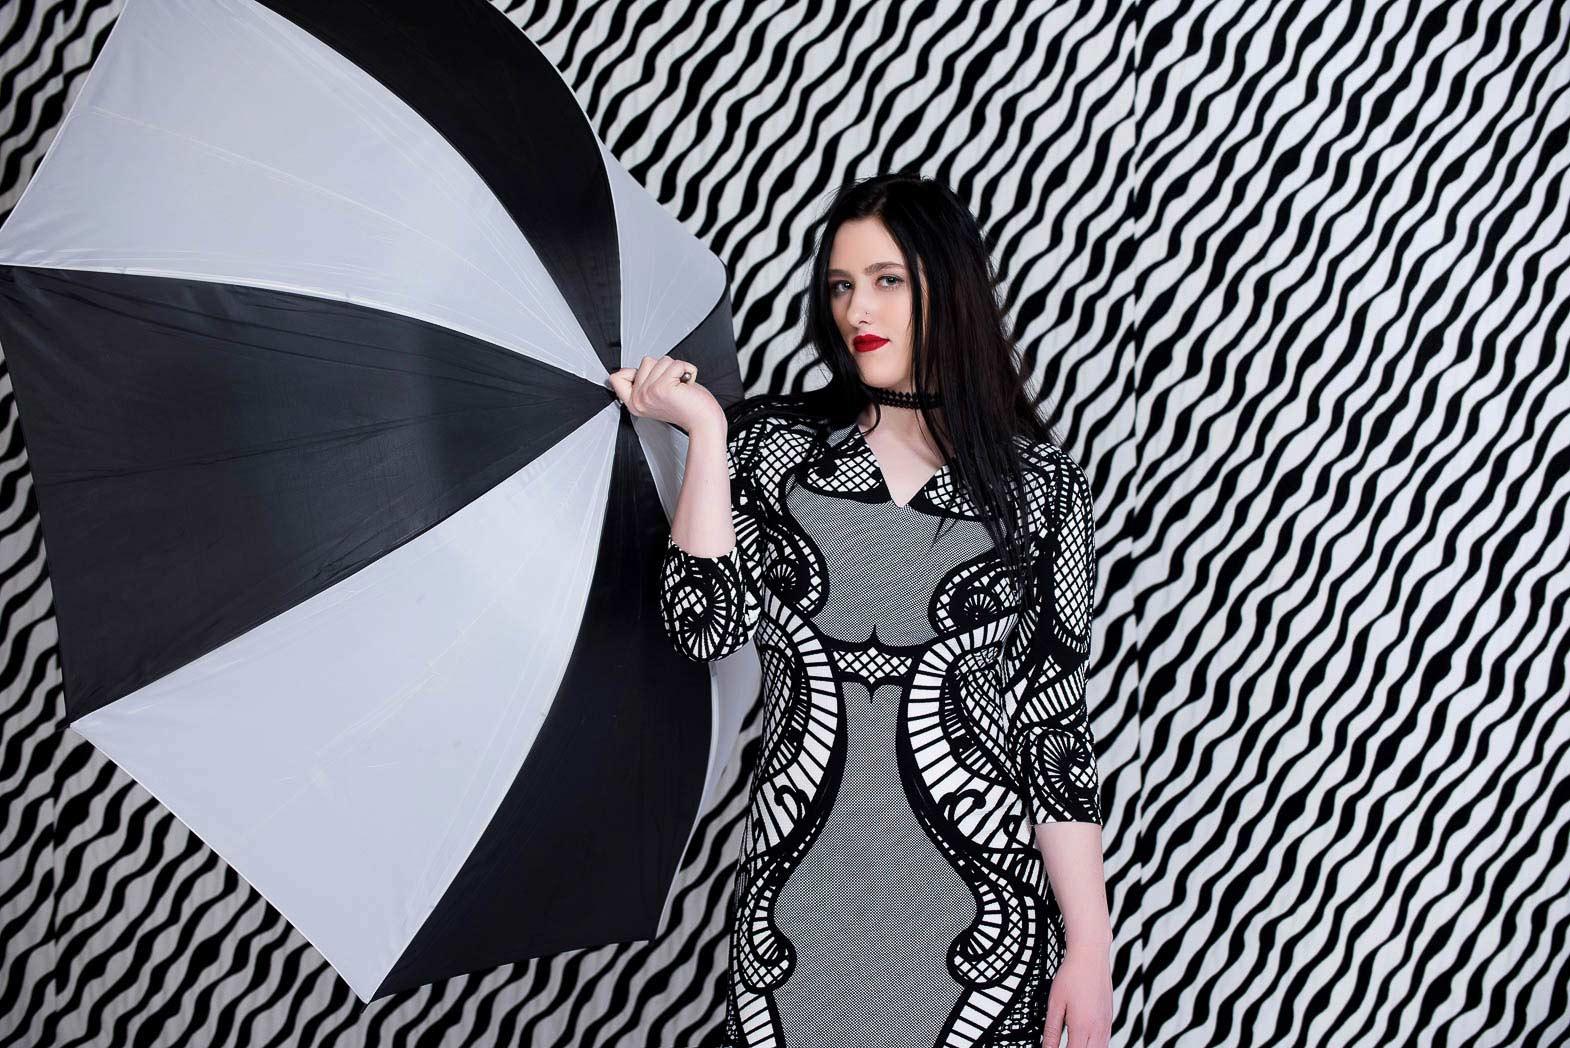 senior girl dressed in black and white holding umbrella during studio model shoot